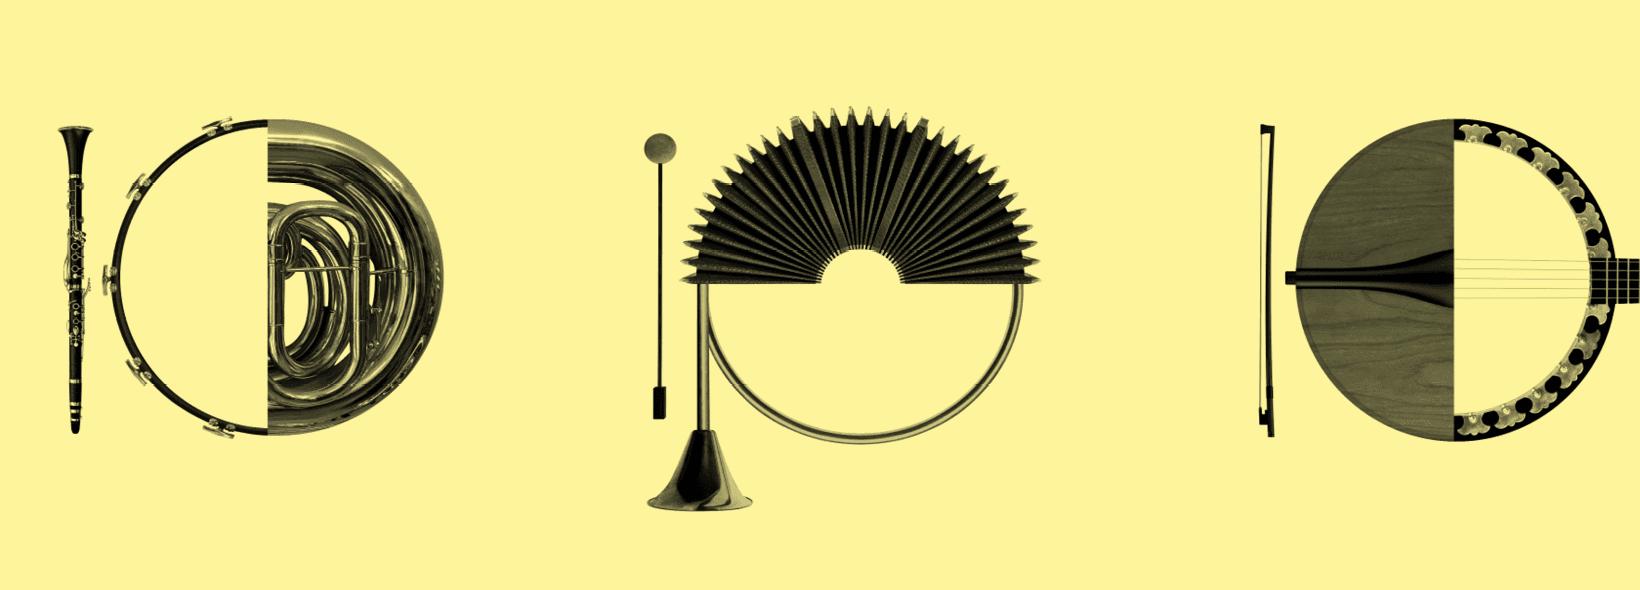 Instruments en forme de 10 pour le 10e anniversaire de la salle Bourgie